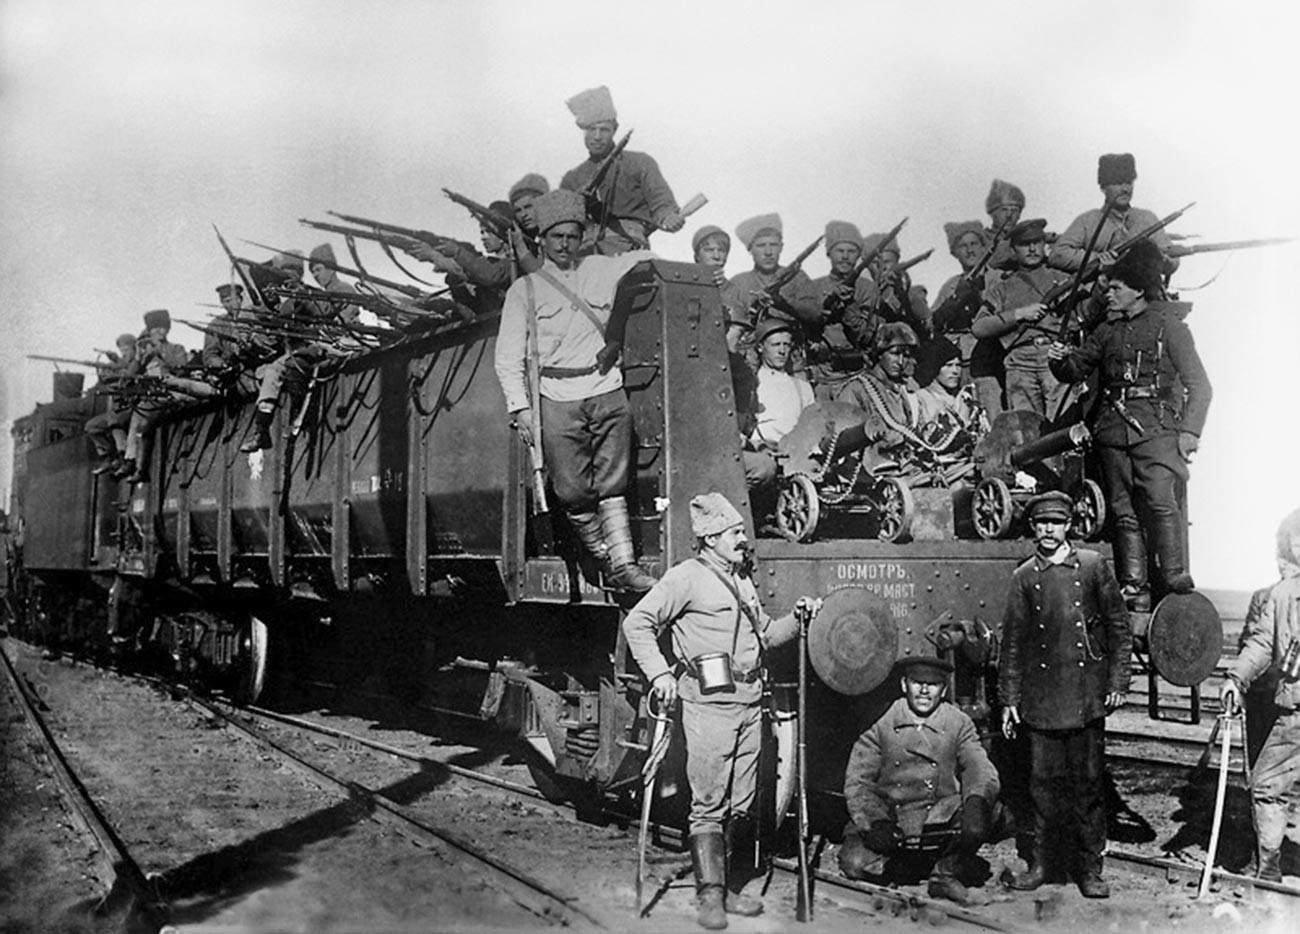 Treno blindato dell'Armata Rossa